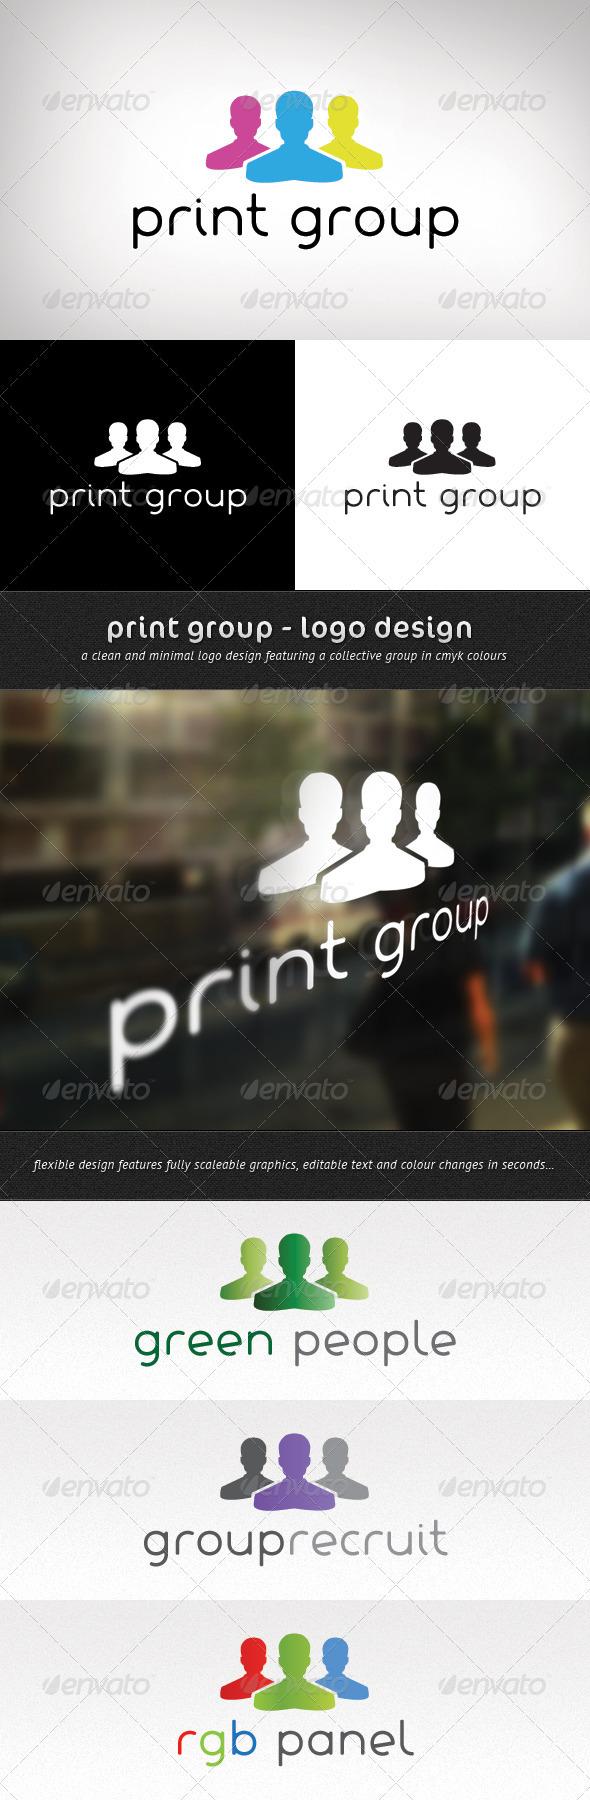 Print Group Logo Design - Vector Abstract